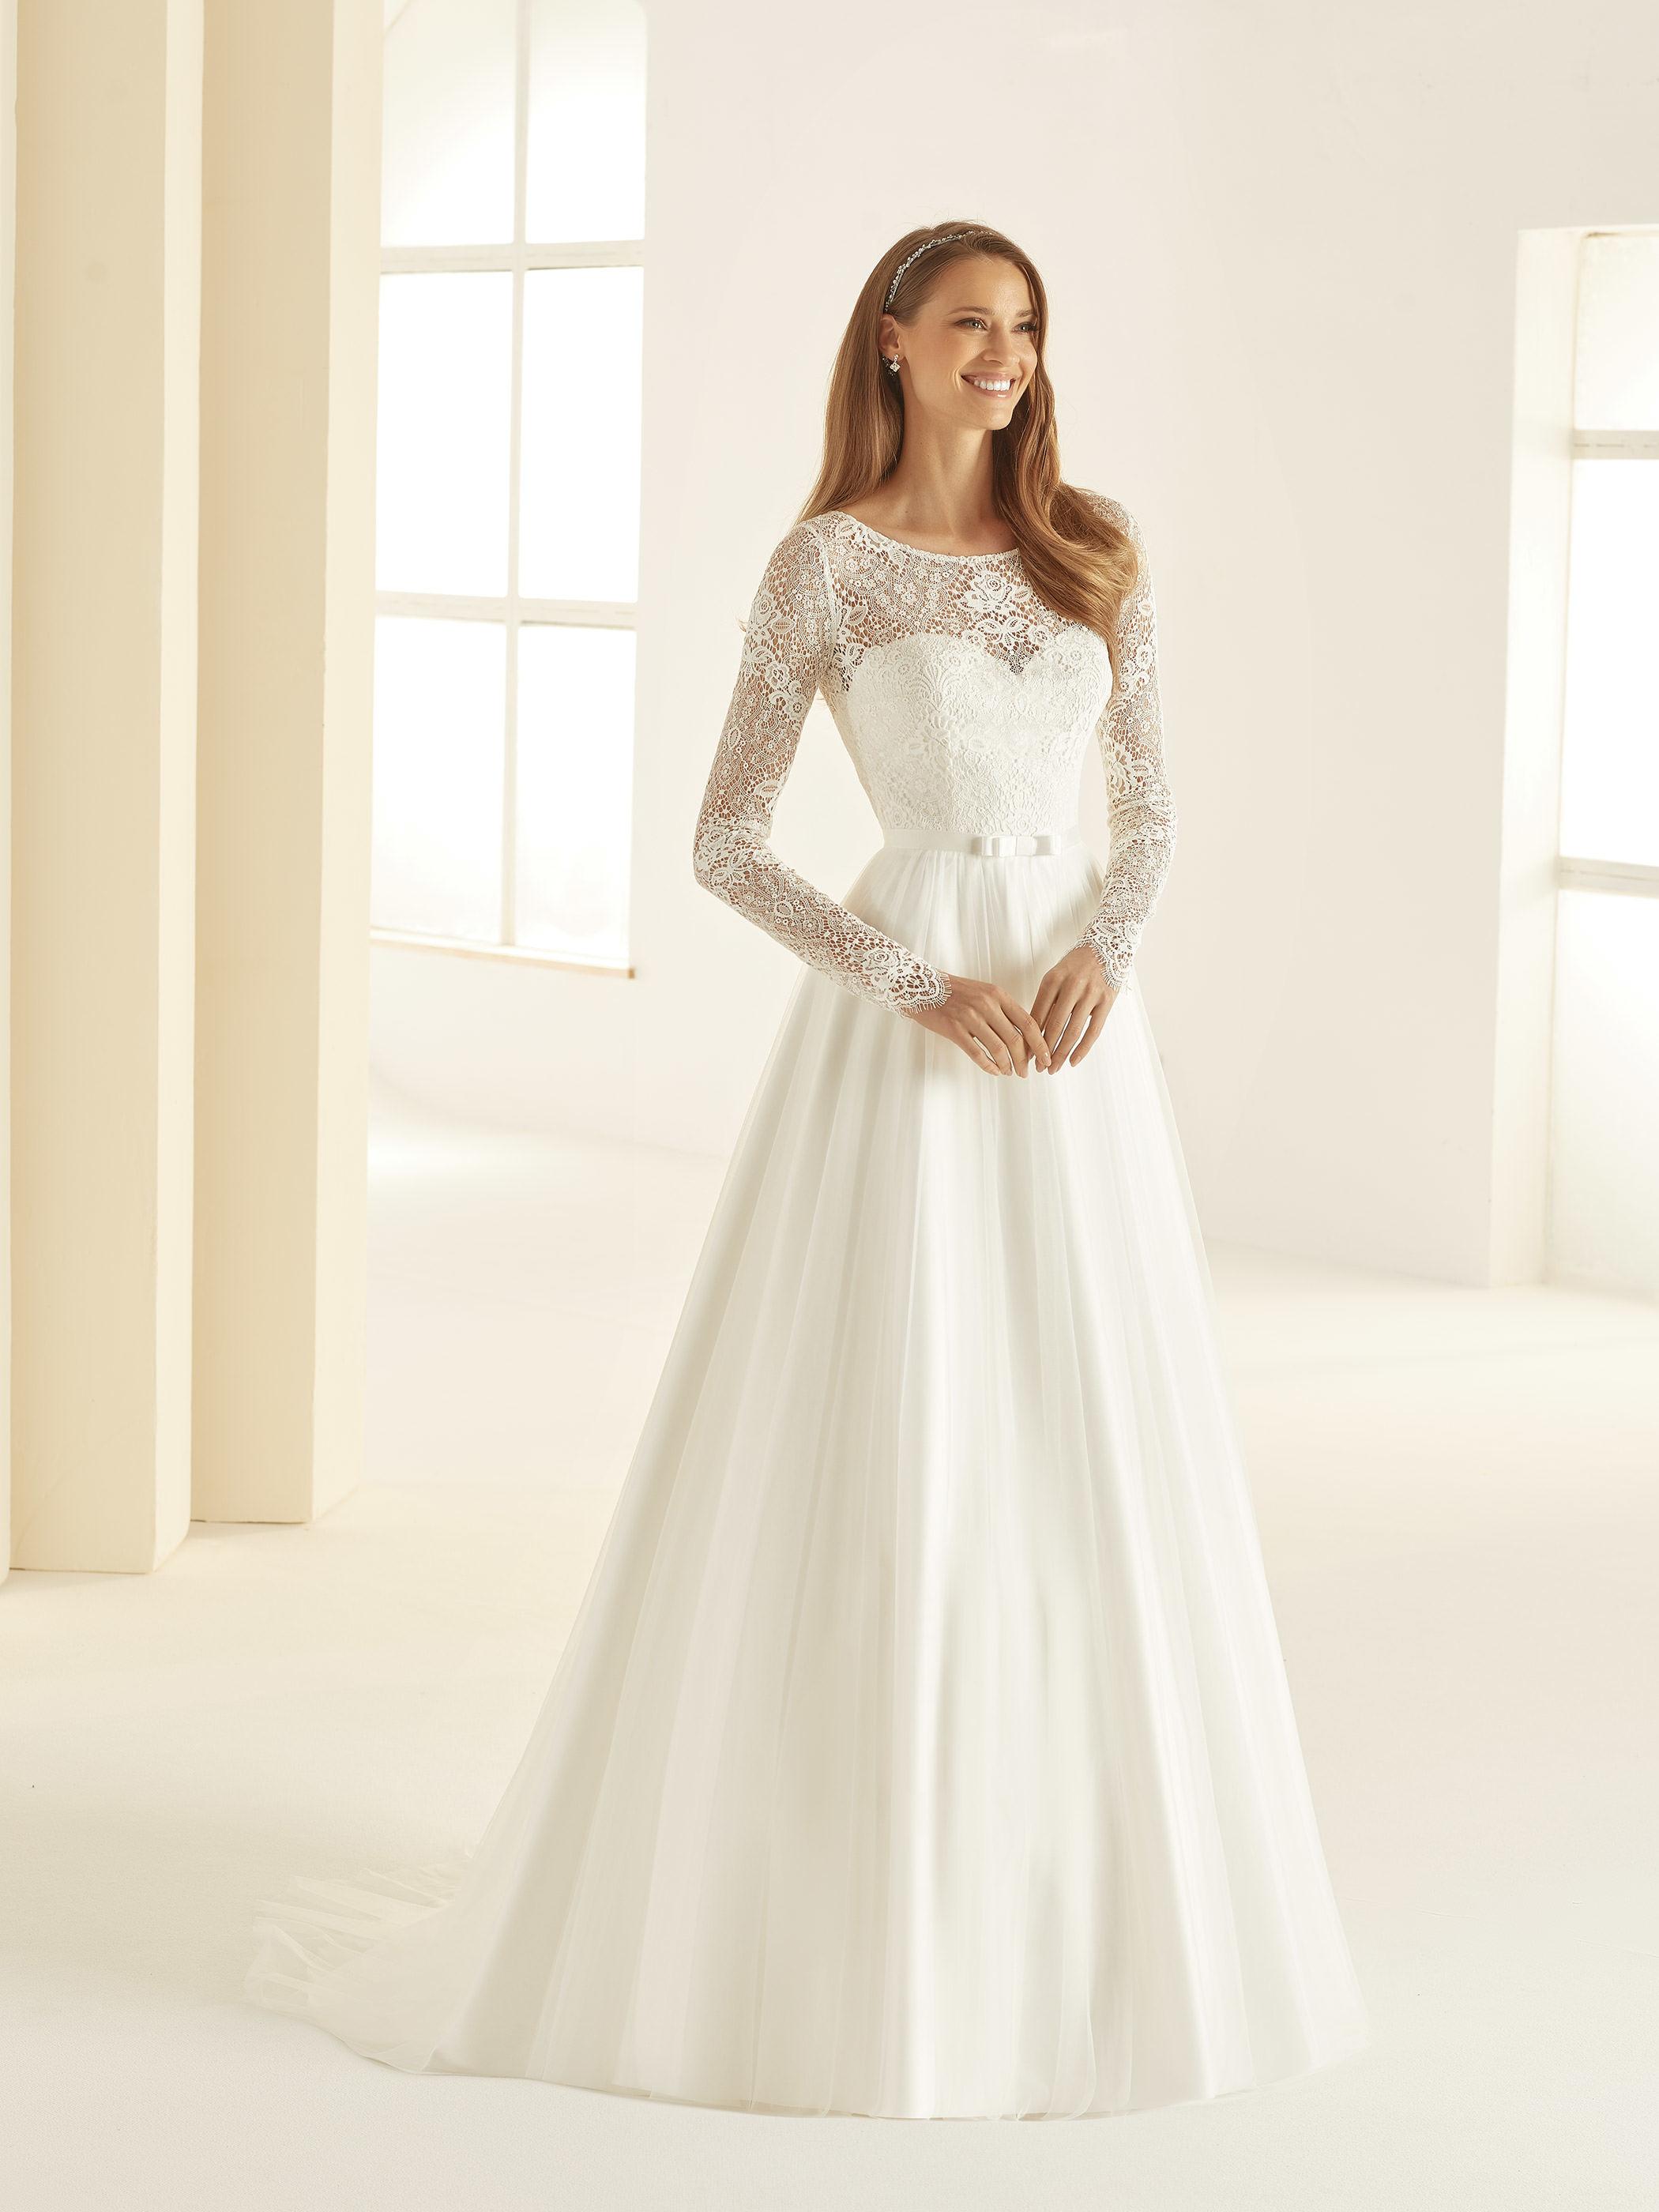 Brautkleid - Schwandorf - Brautkleider - Hochzeitskleider - Abendkleid